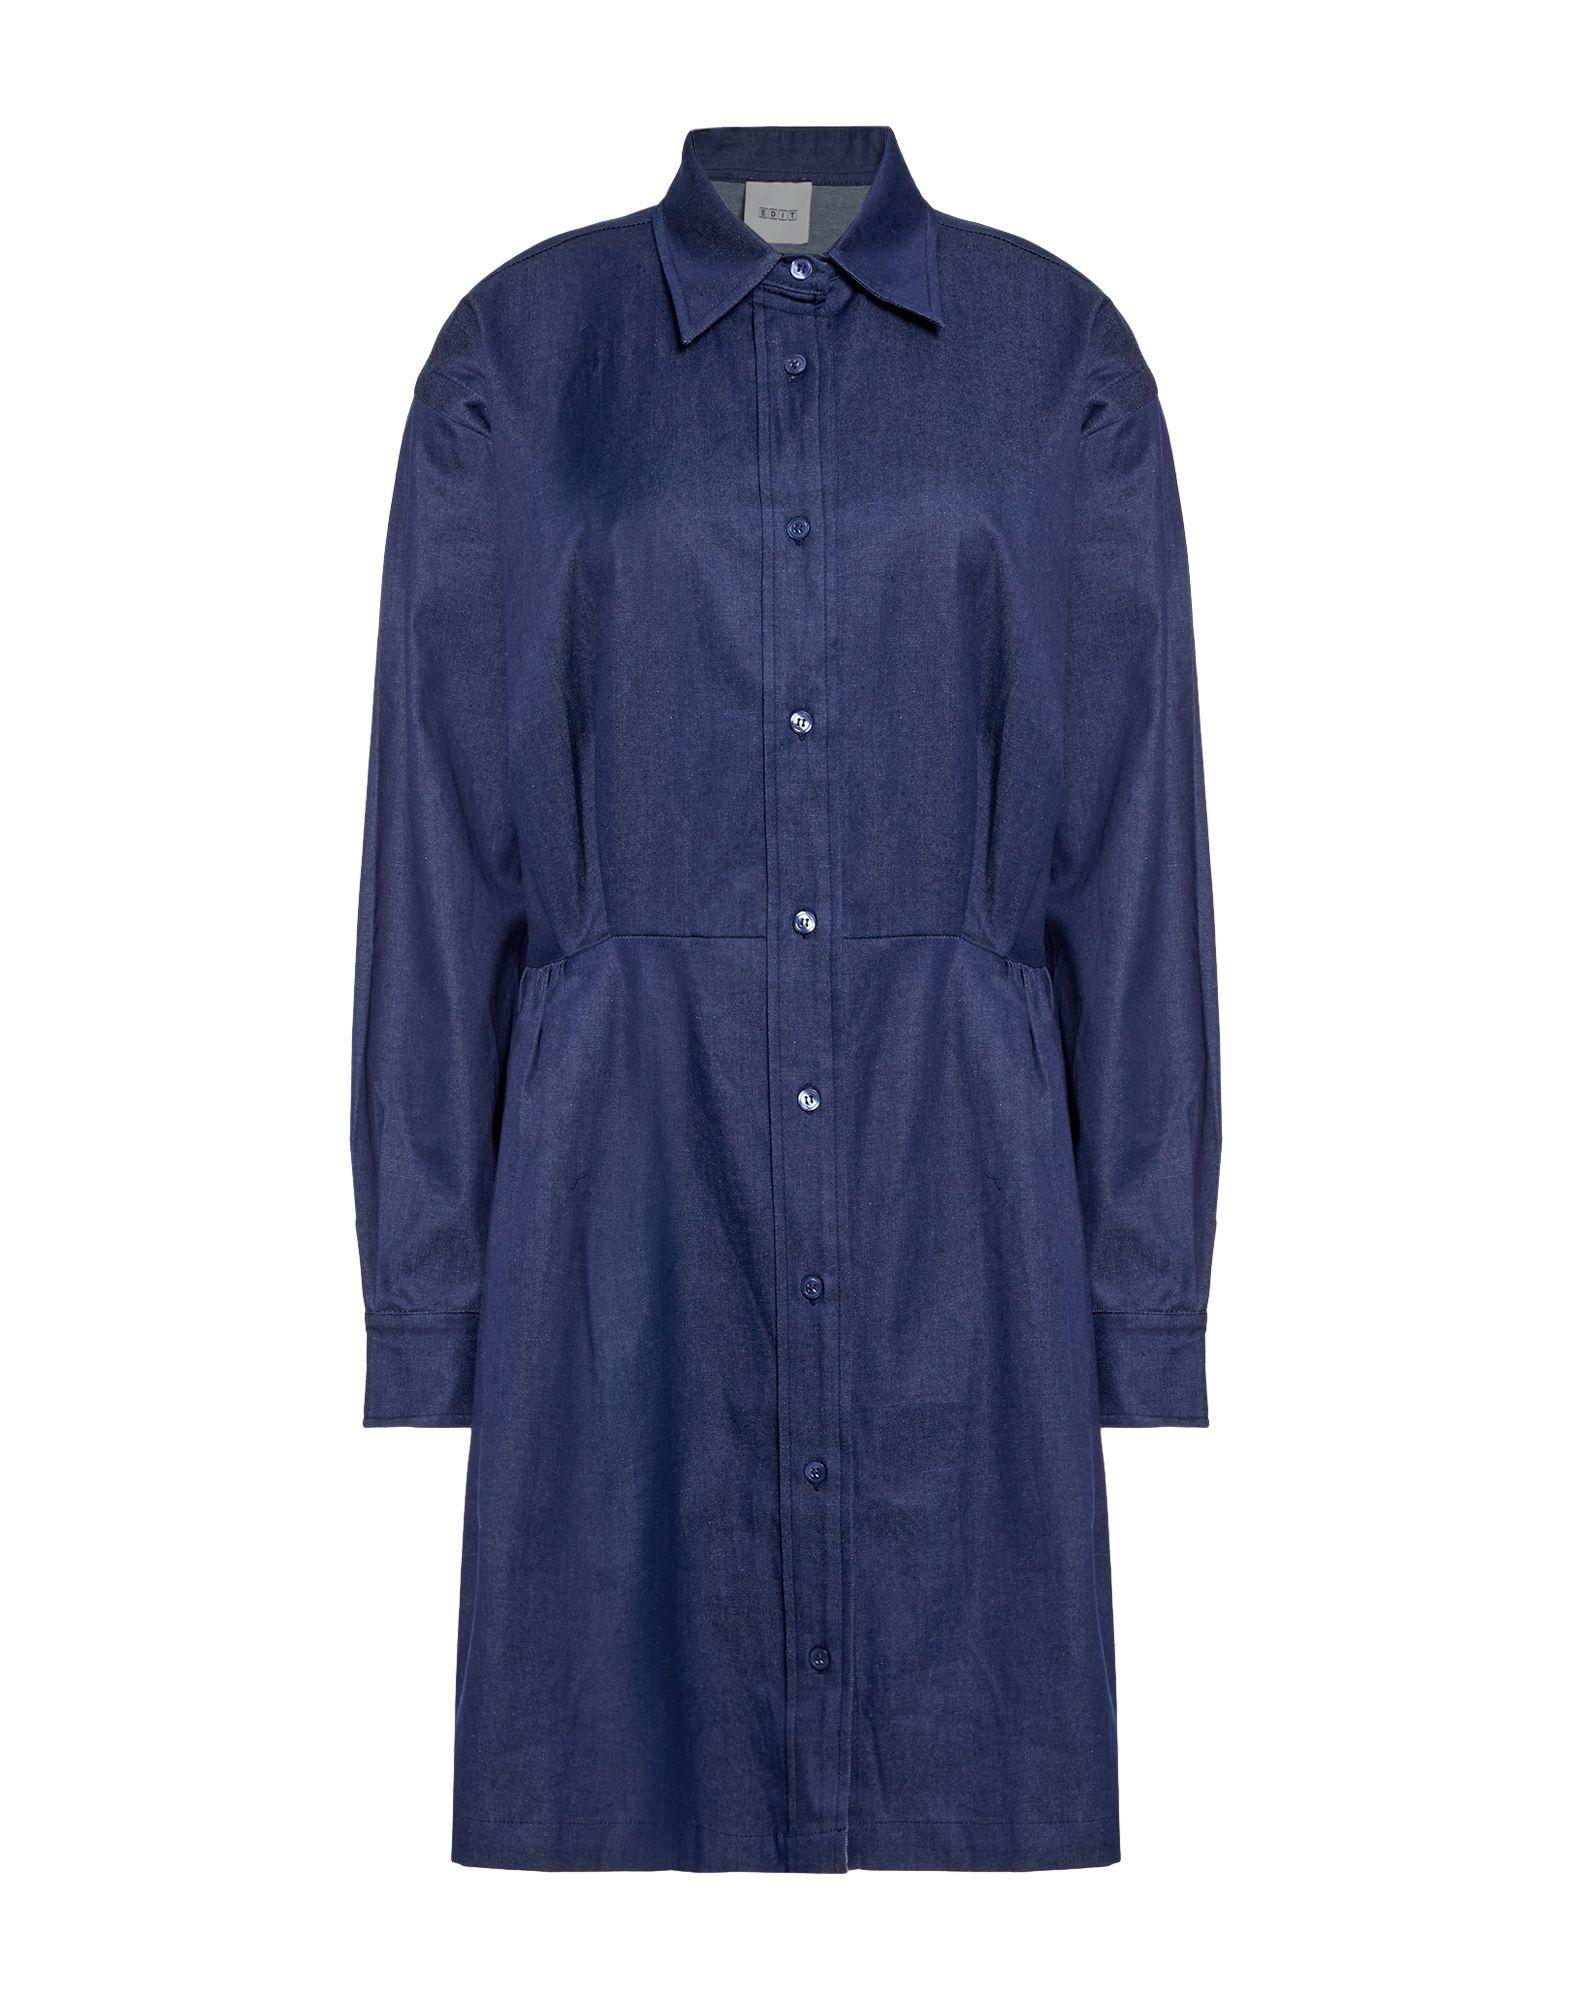 《送料無料》EDIT レディース ミニワンピース&ドレス ブルー S コットン 100%